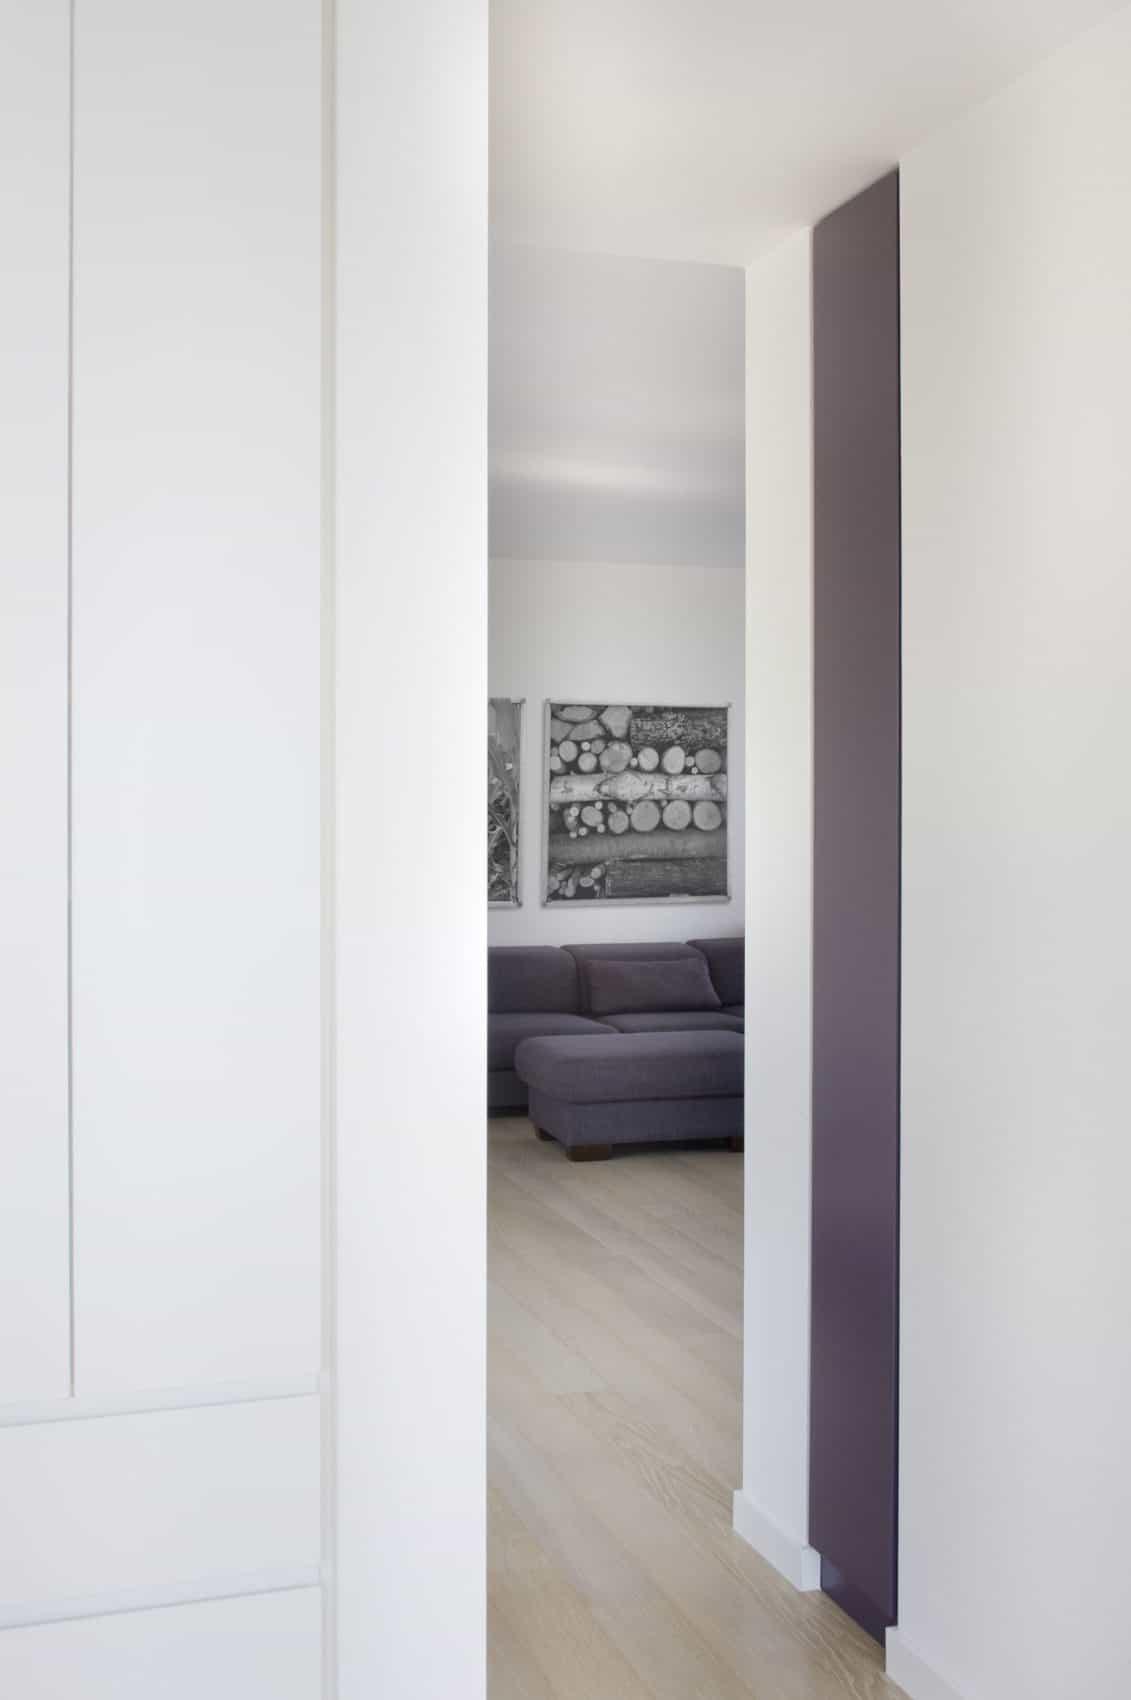 Private Apartment_BRA by Cristiana Vannini (1)